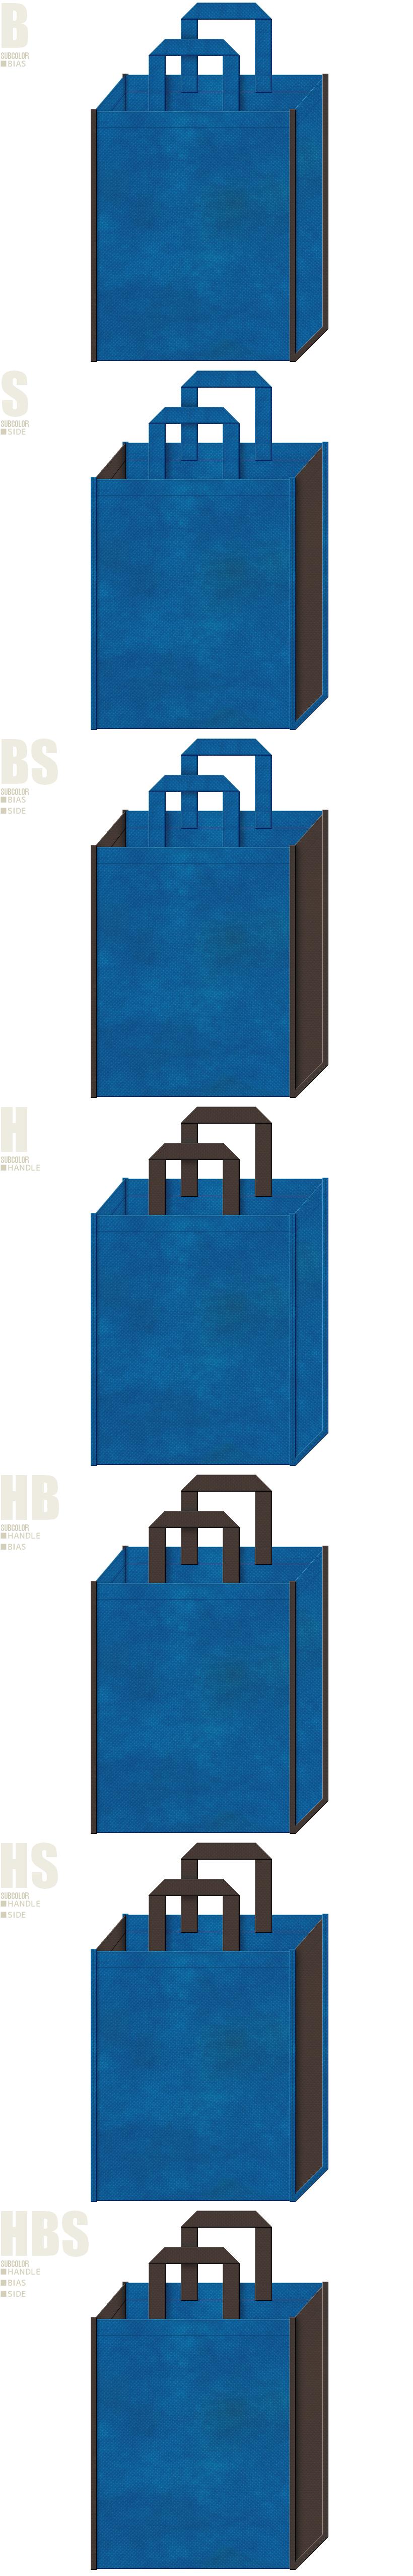 父の日ギフトのショッピングバッグにお奨めの、青色とこげ茶色-7パターンの不織布トートバッグ配色デザイン例